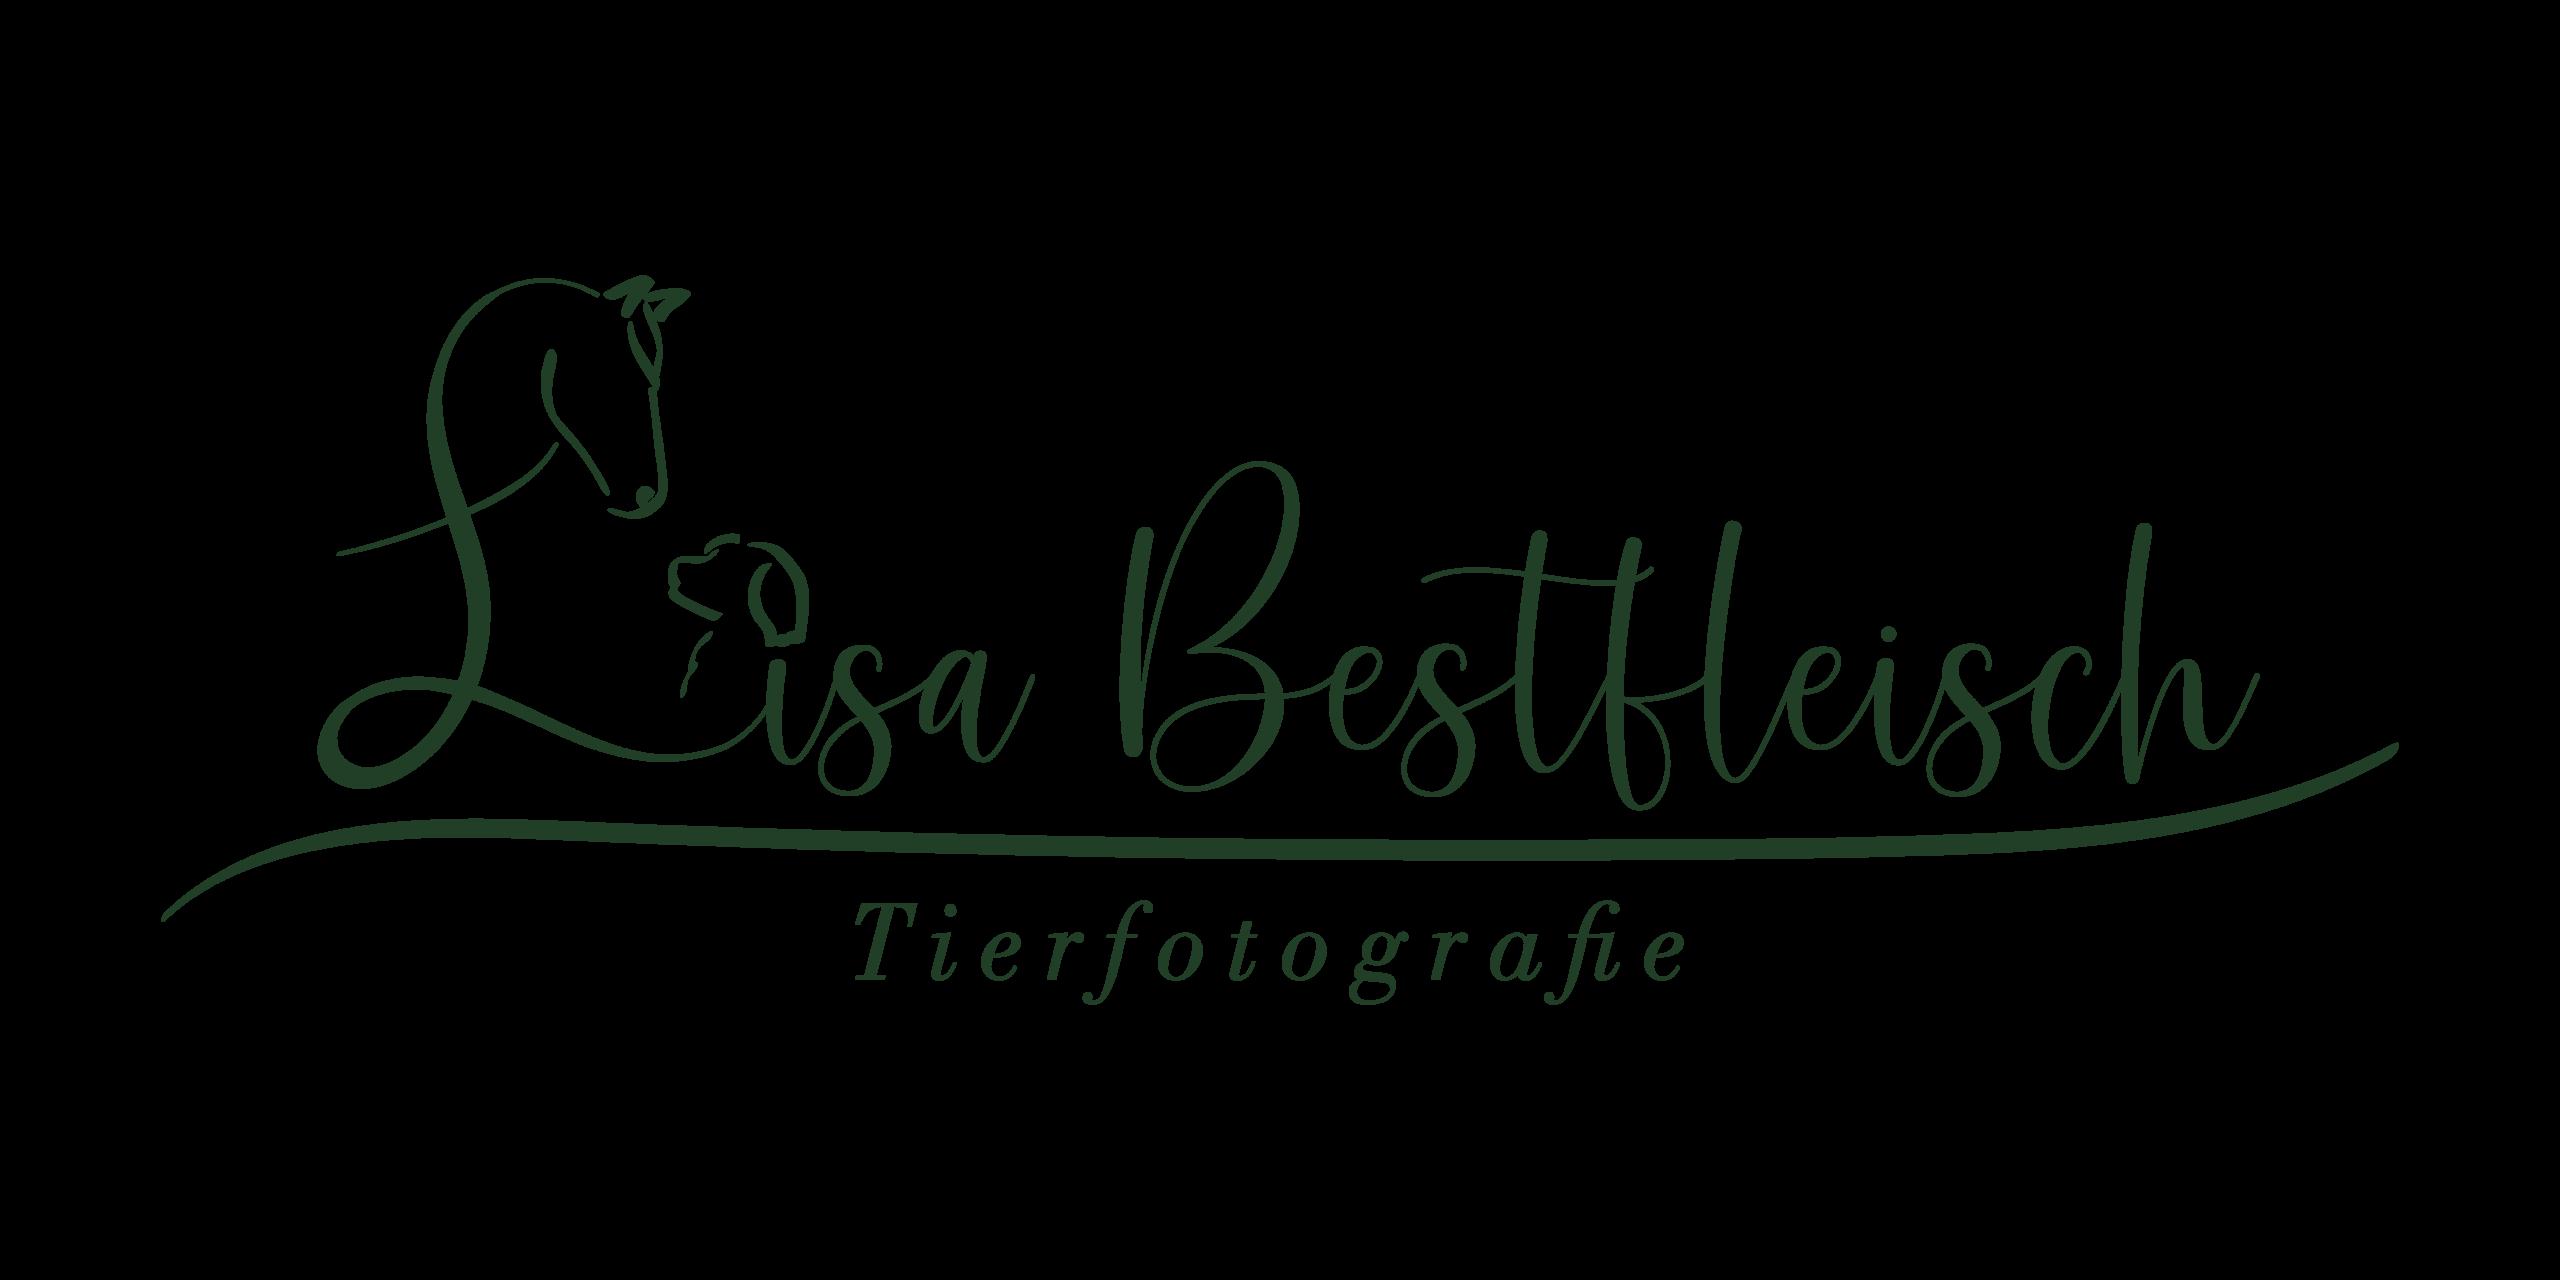 Lisa Bestfleisch - Tierfotografie